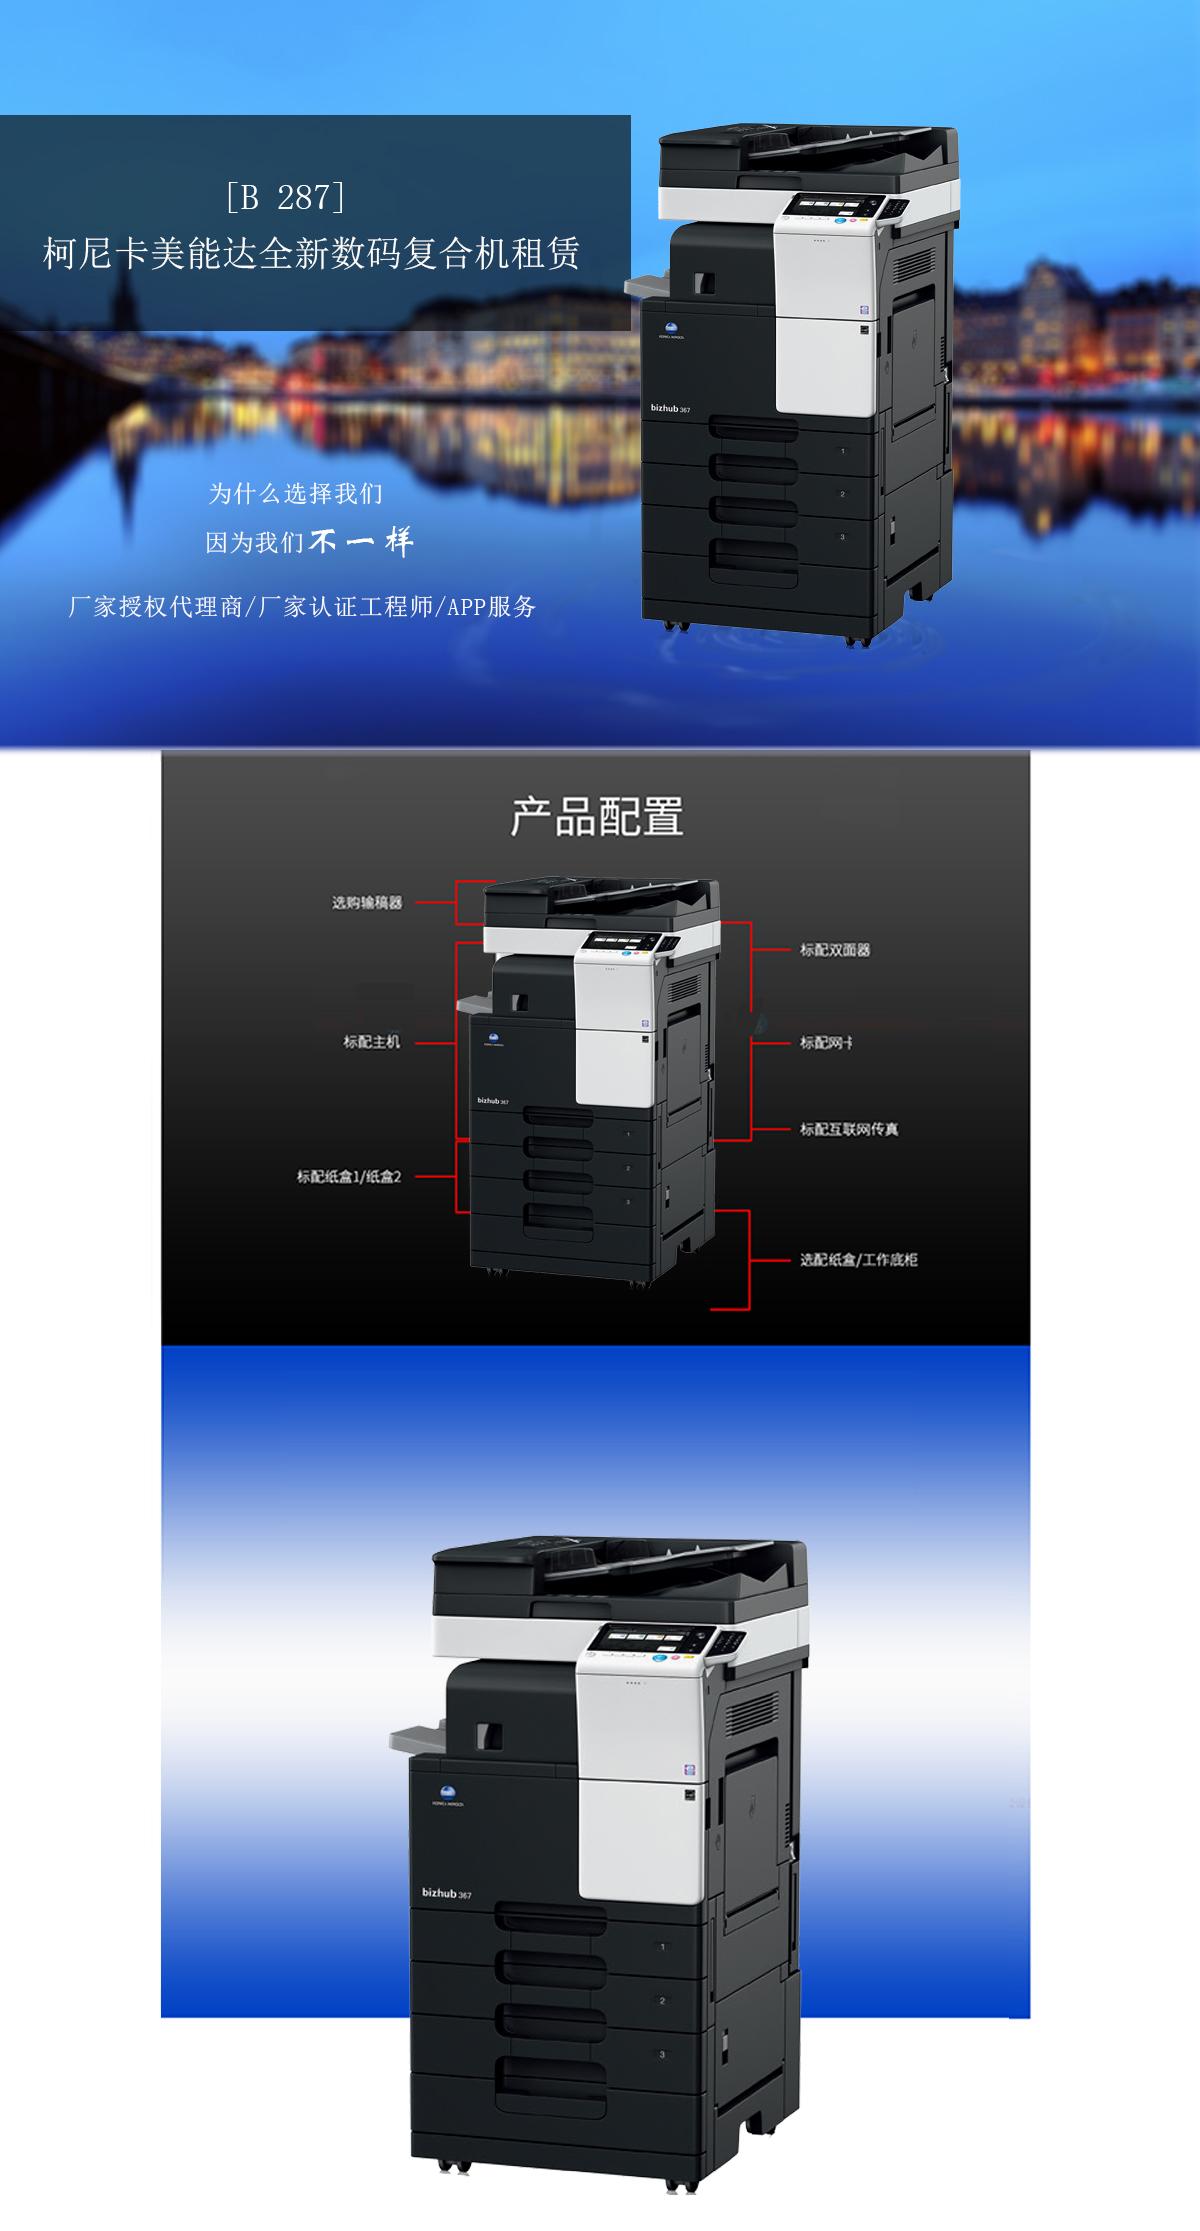 (全新机)B287 柯尼卡美能达复合机A3A4黑白激光网络打印扫描一体机(打印/复印/网络扫描)(图1)